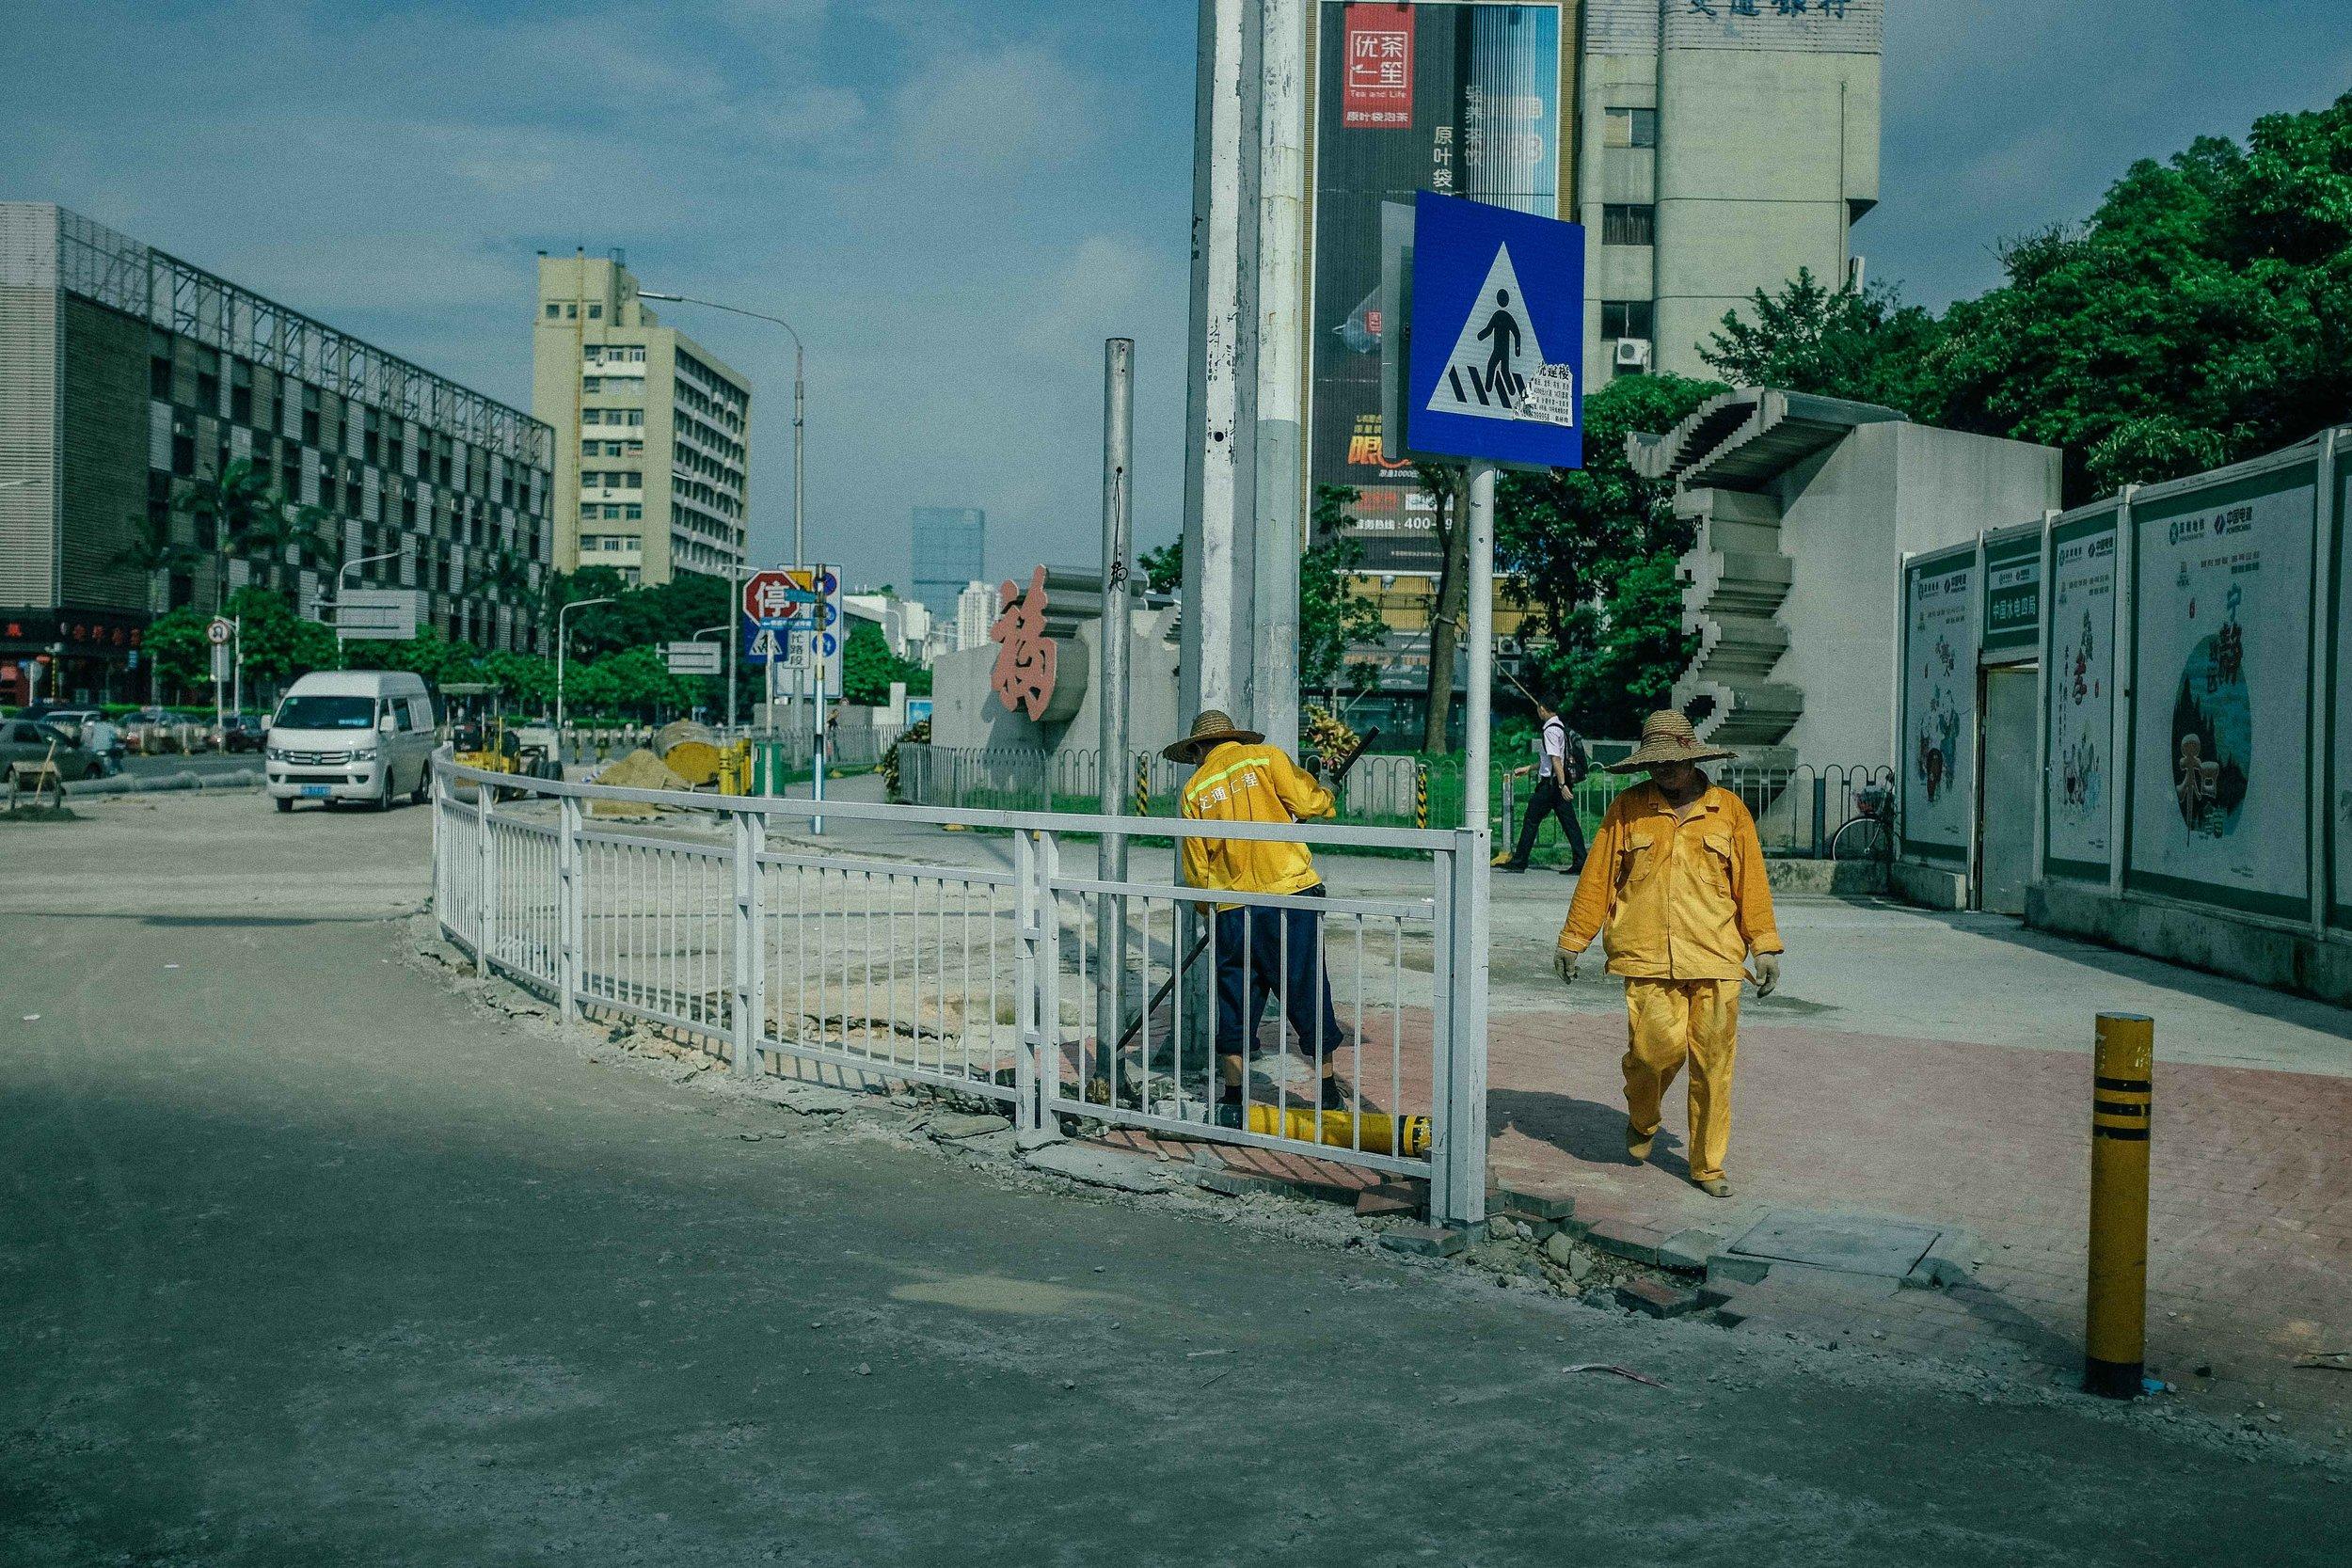 China_x100t_fujifilm_115.jpg